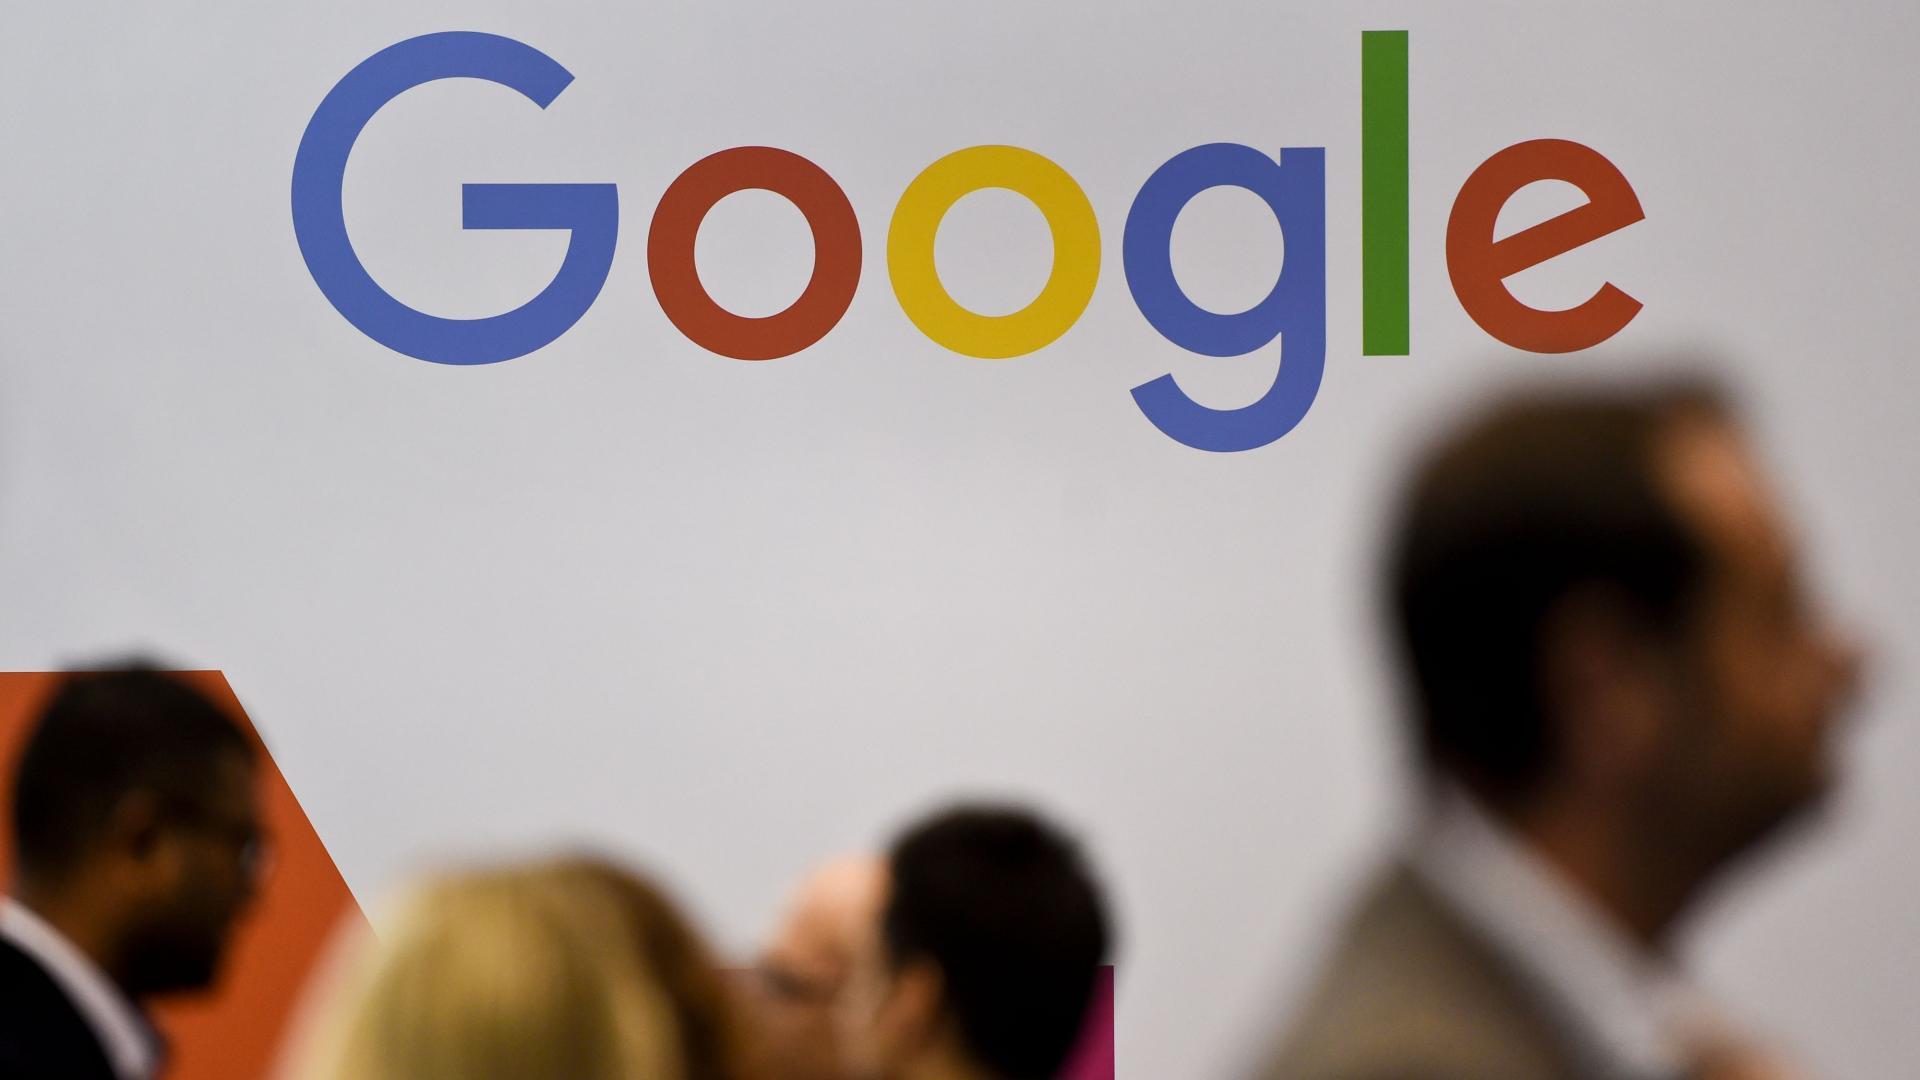 Google+ cerrada tras silenciar una brecha de seguridad durante meses que afectó a 500.000 usuarios